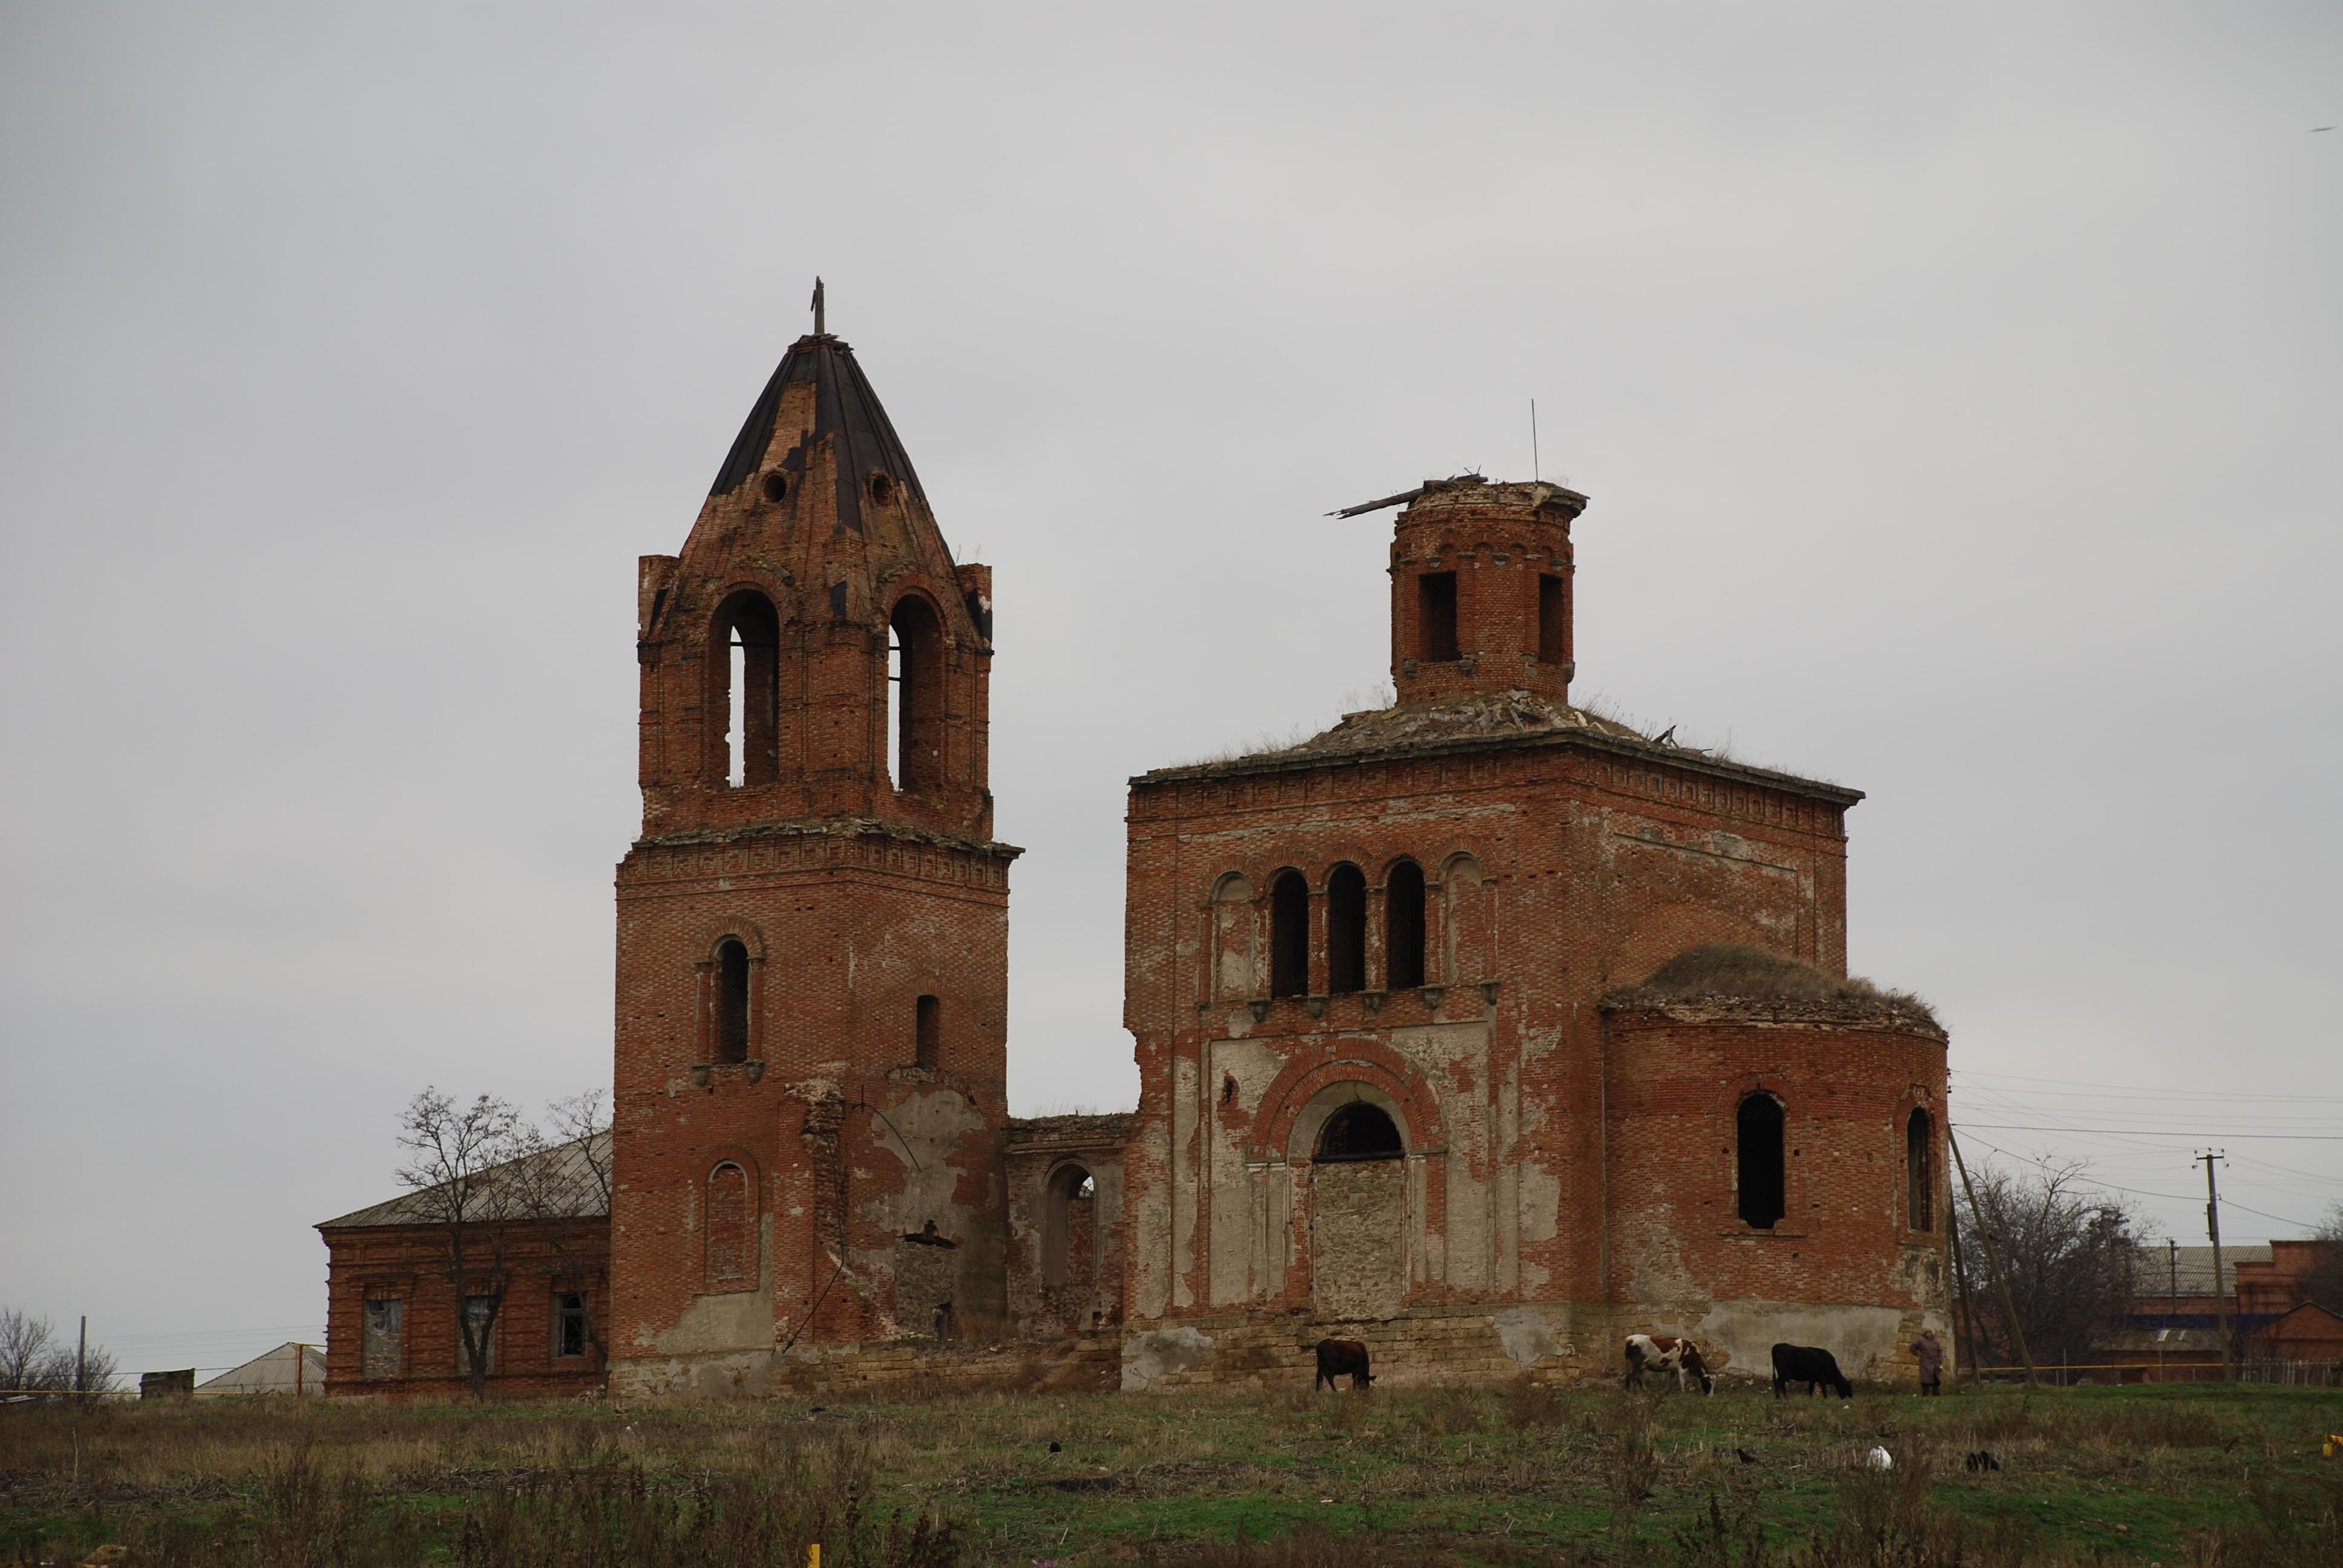 Η εκκλησία του Αγίου Γεωργίου στο Sultan-Saly